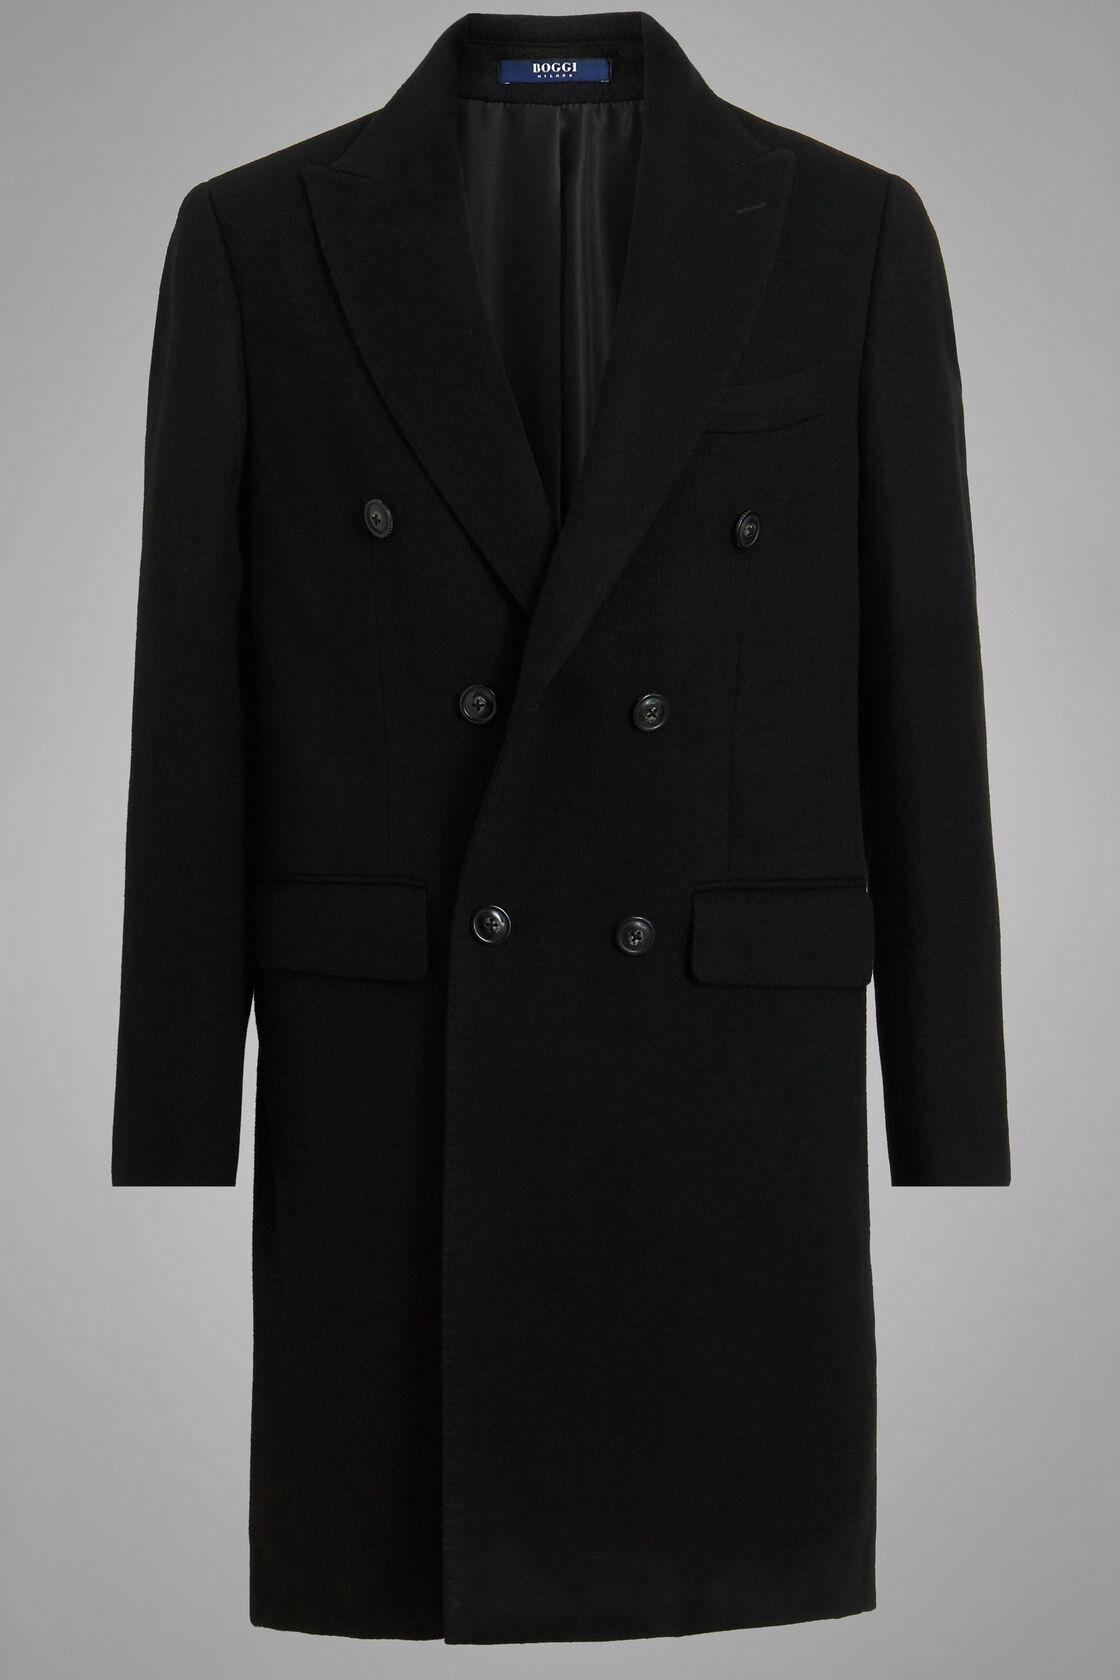 Manteau Croisé Long, Noir, hi-res